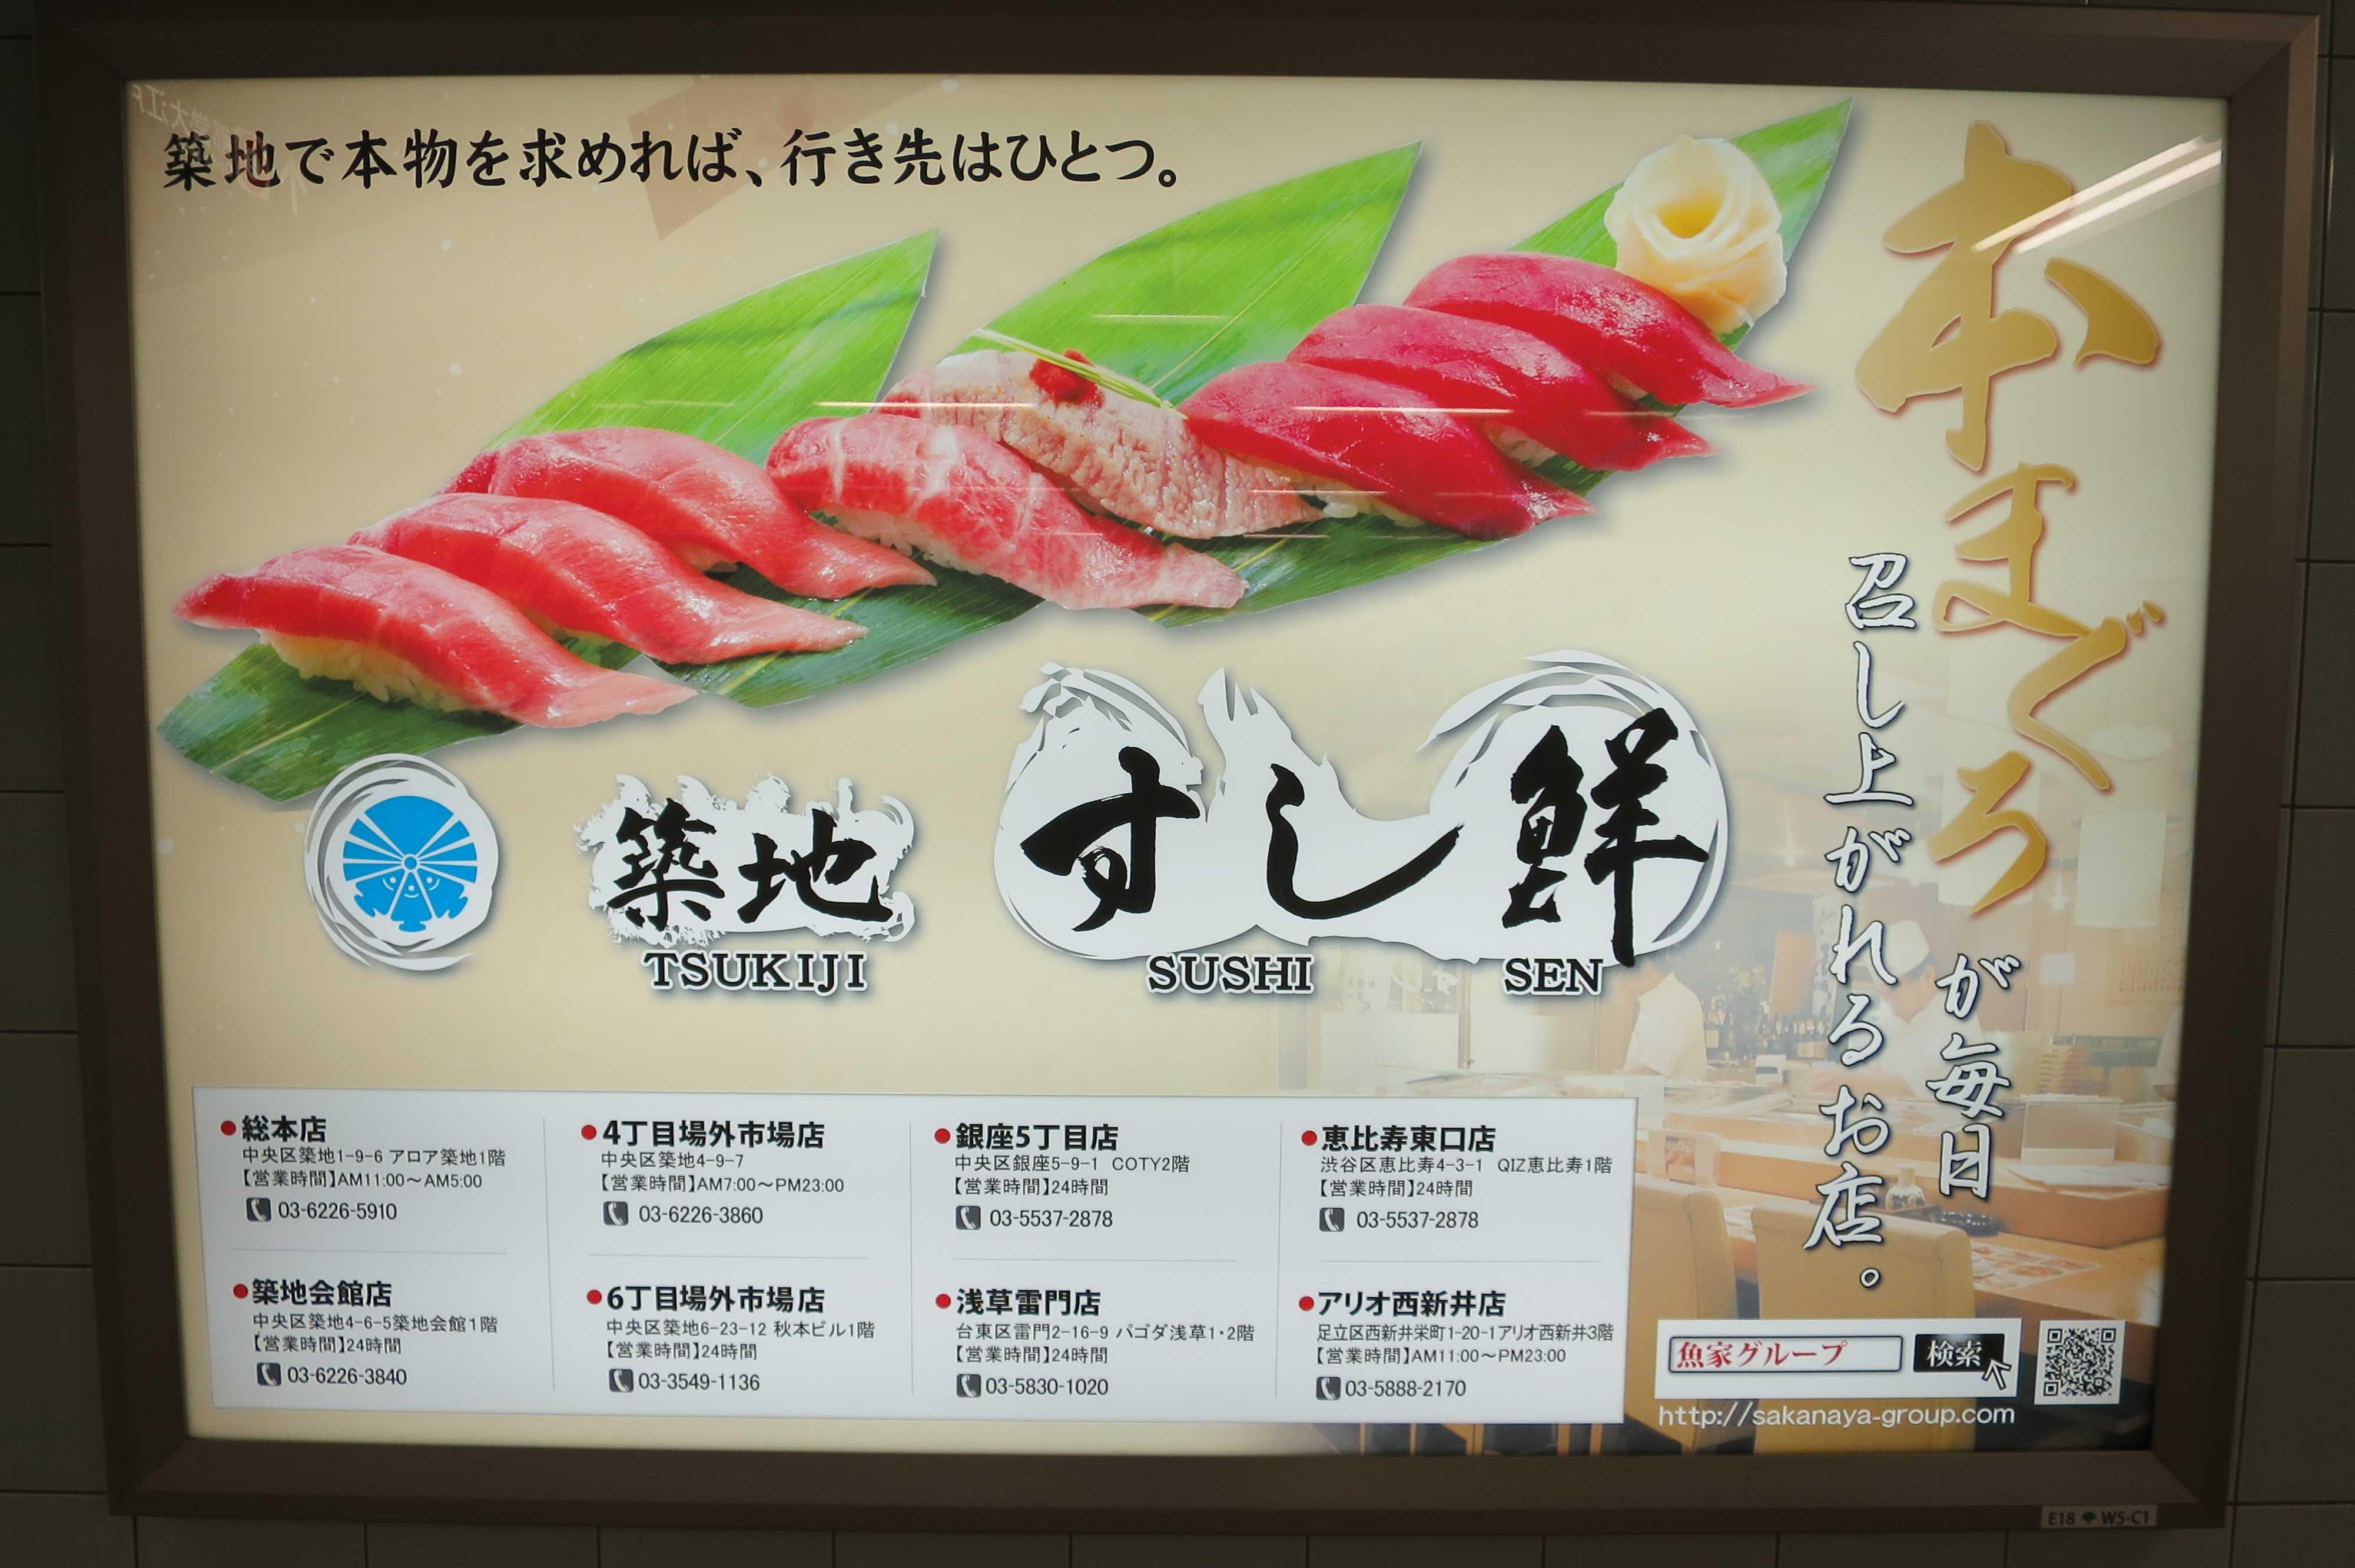 築地エリア - 大江戸線 築地市場駅の電飾看板(すし鮮)